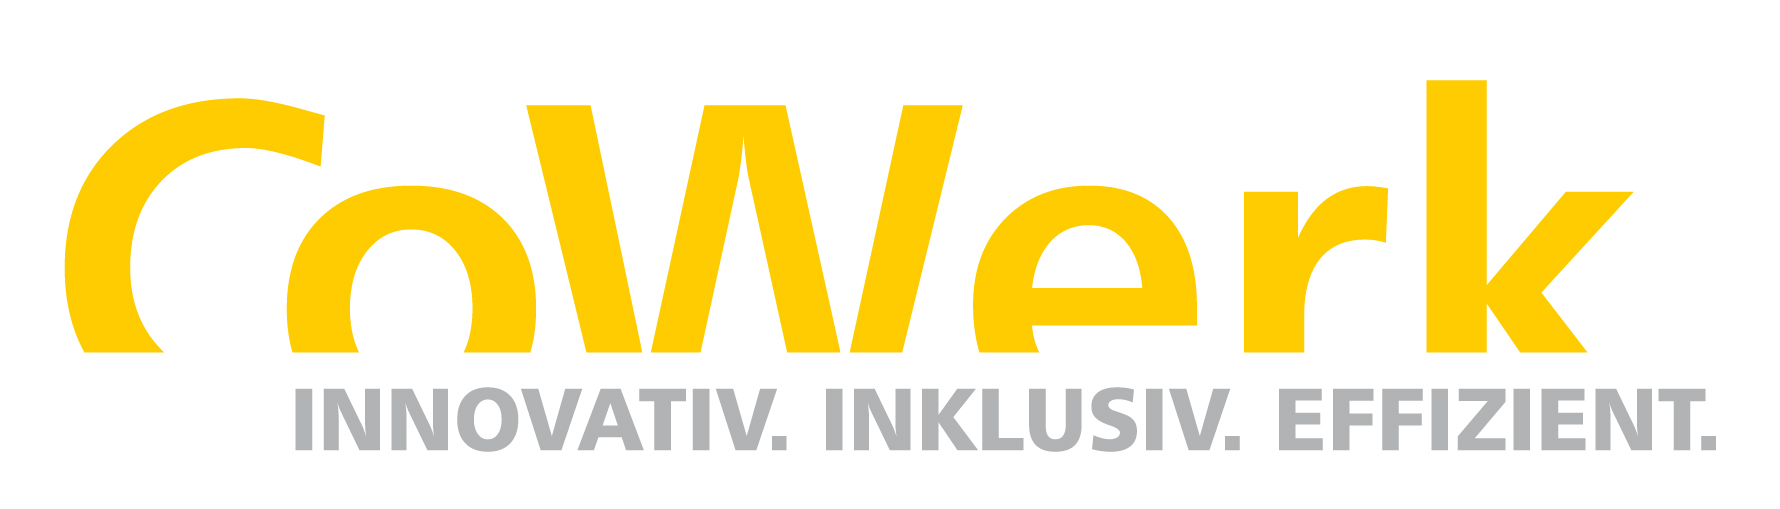 CoWerk innovativ inklusiv effizient